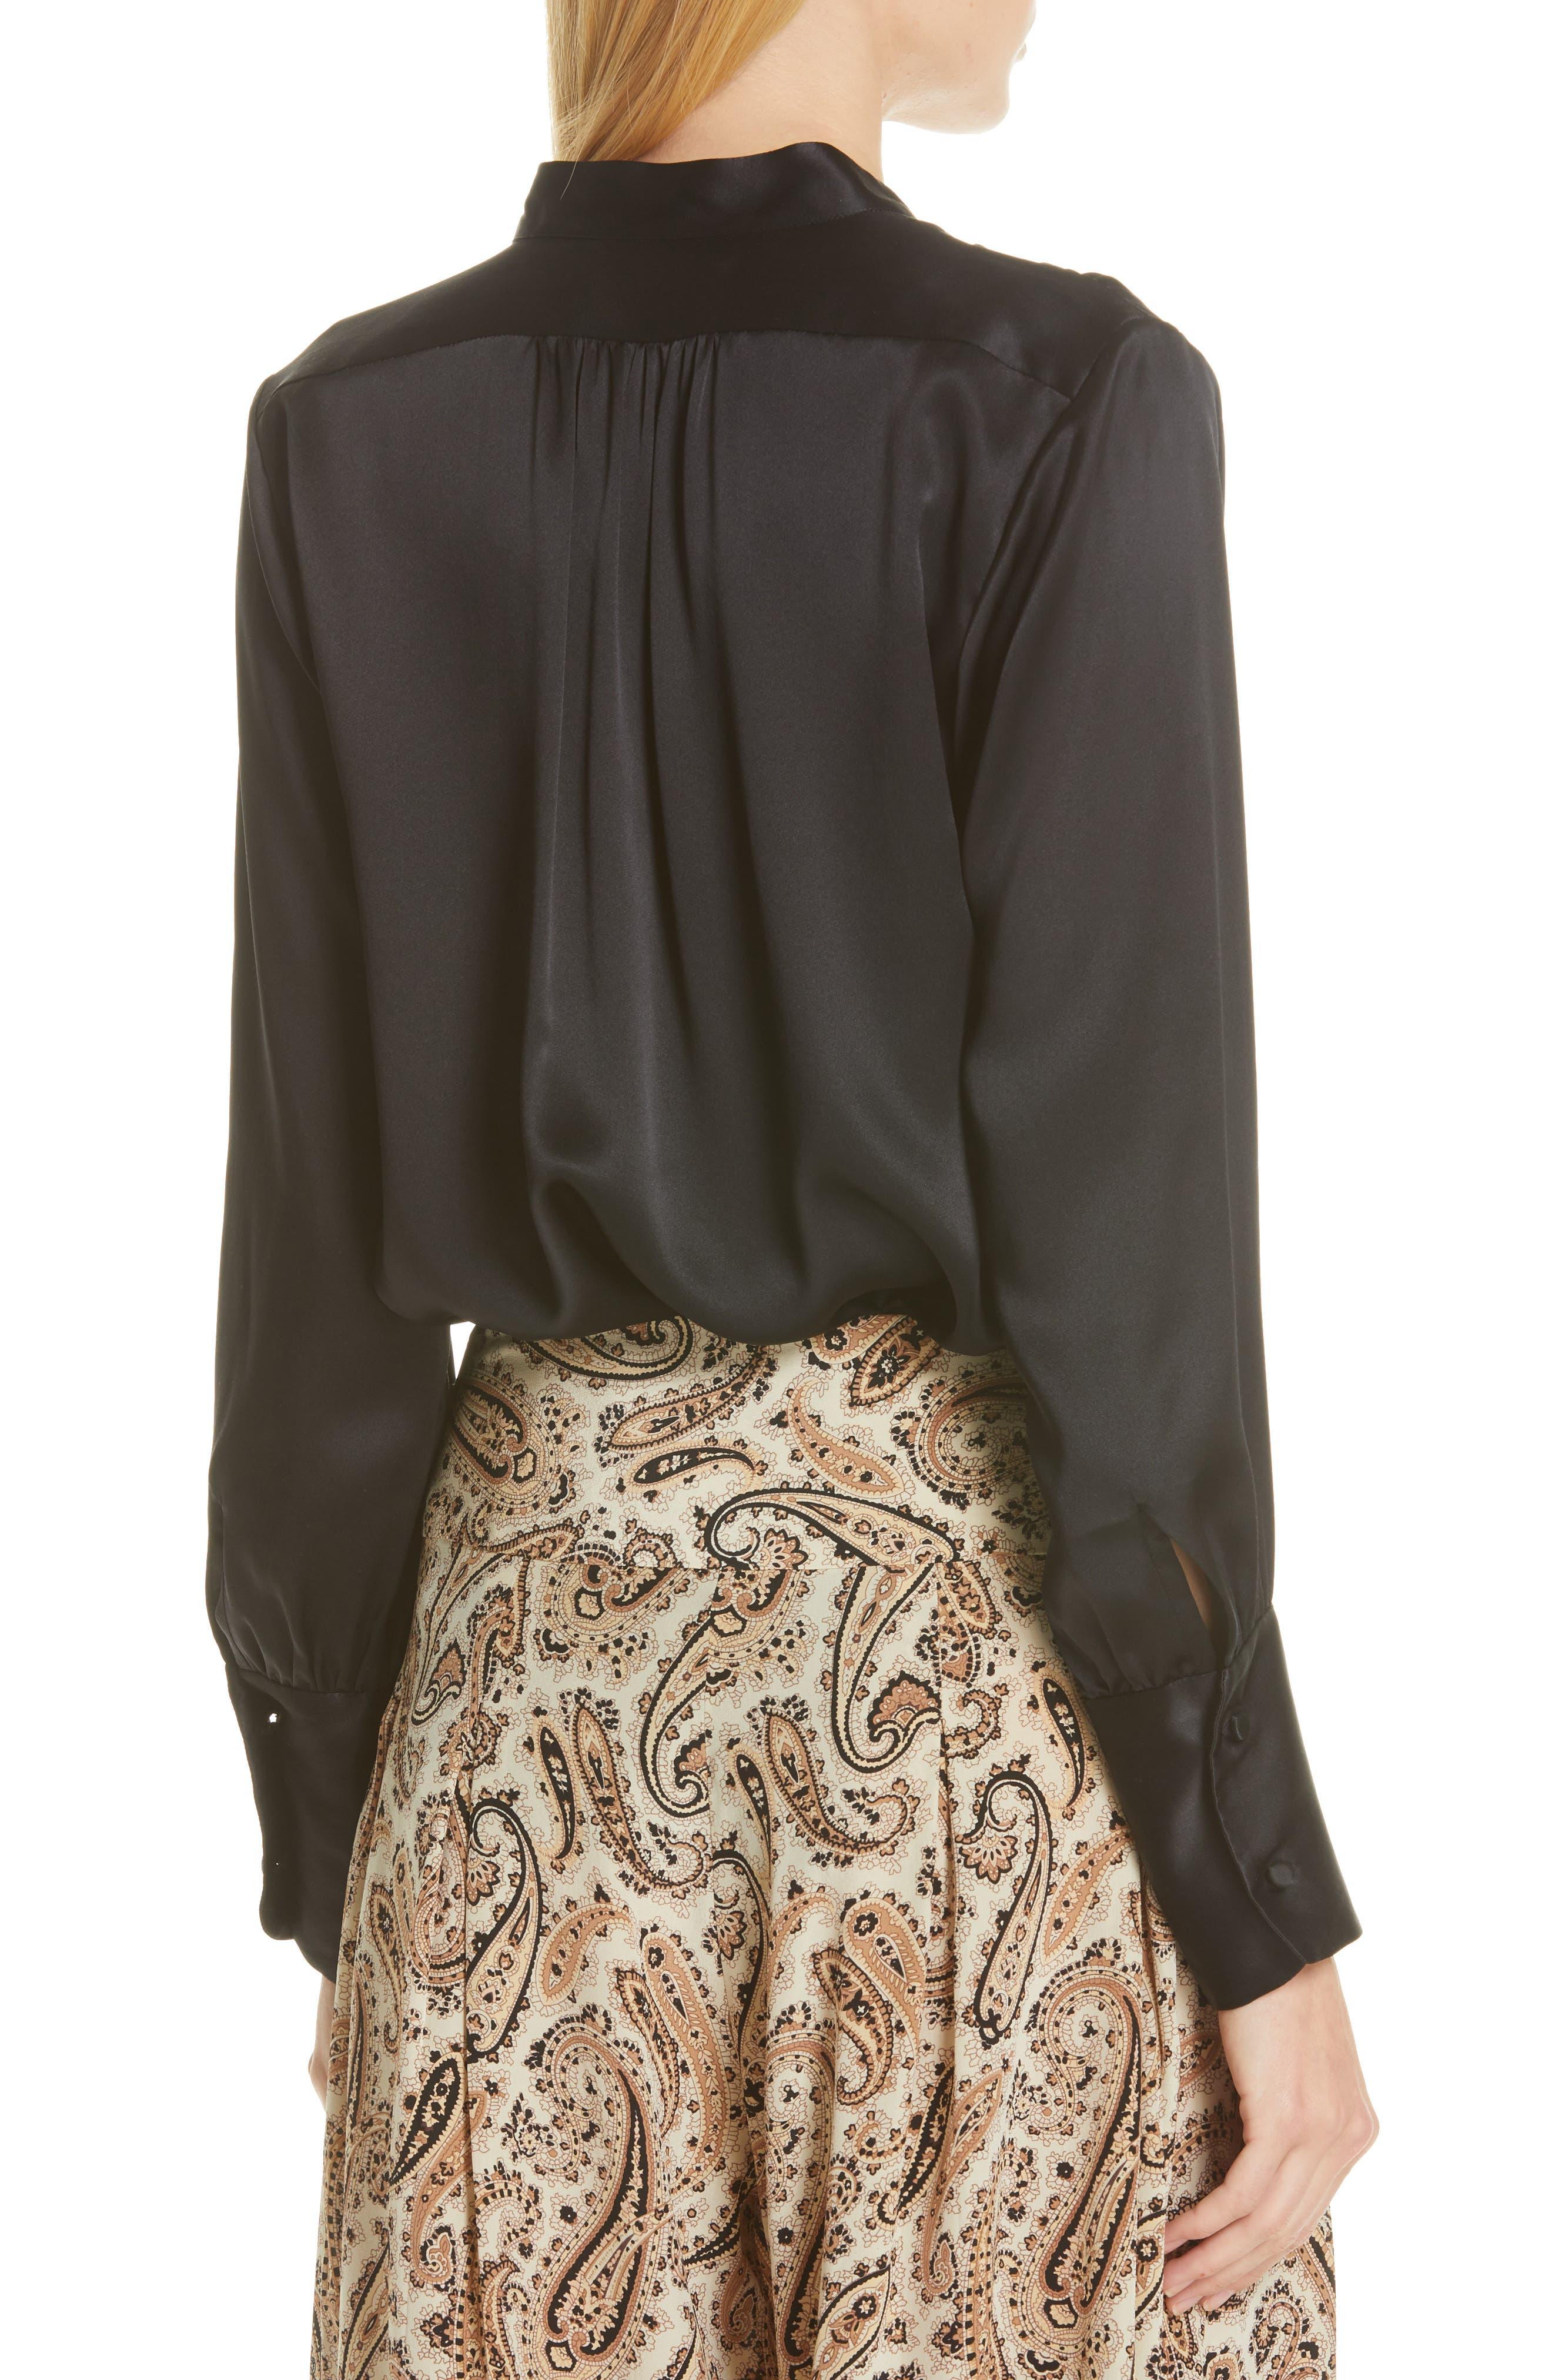 NILI LOTAN, Colette Silk Blouse, Alternate thumbnail 2, color, BLACK